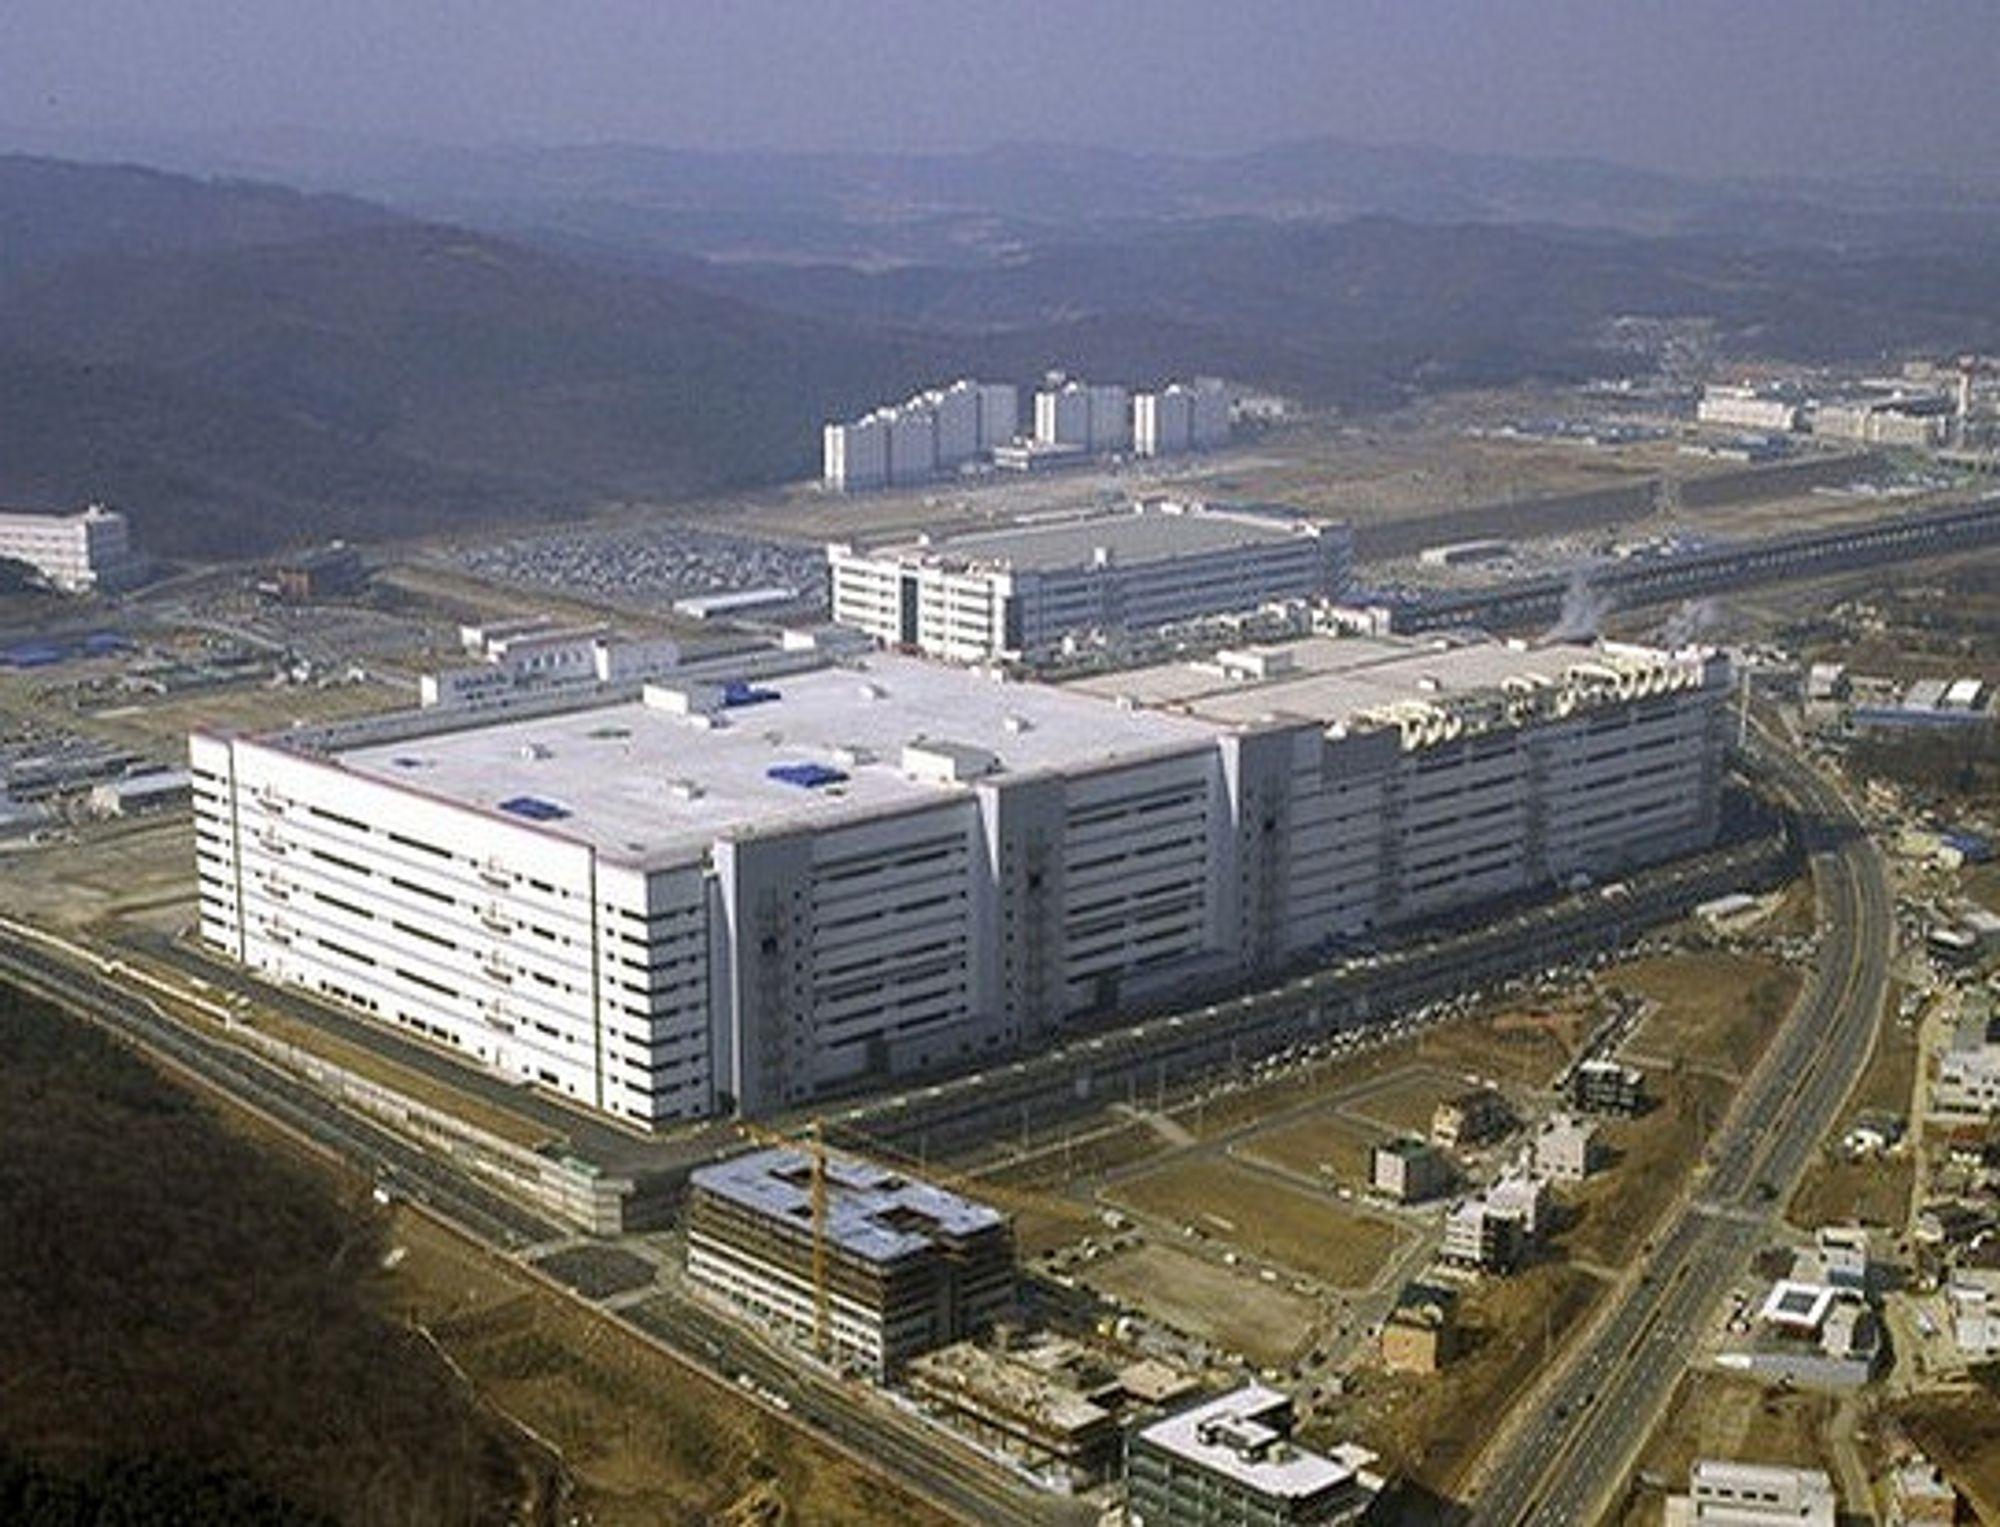 LGs fabrikk i Paju skal utvides med over 4500 arbeidsplasser